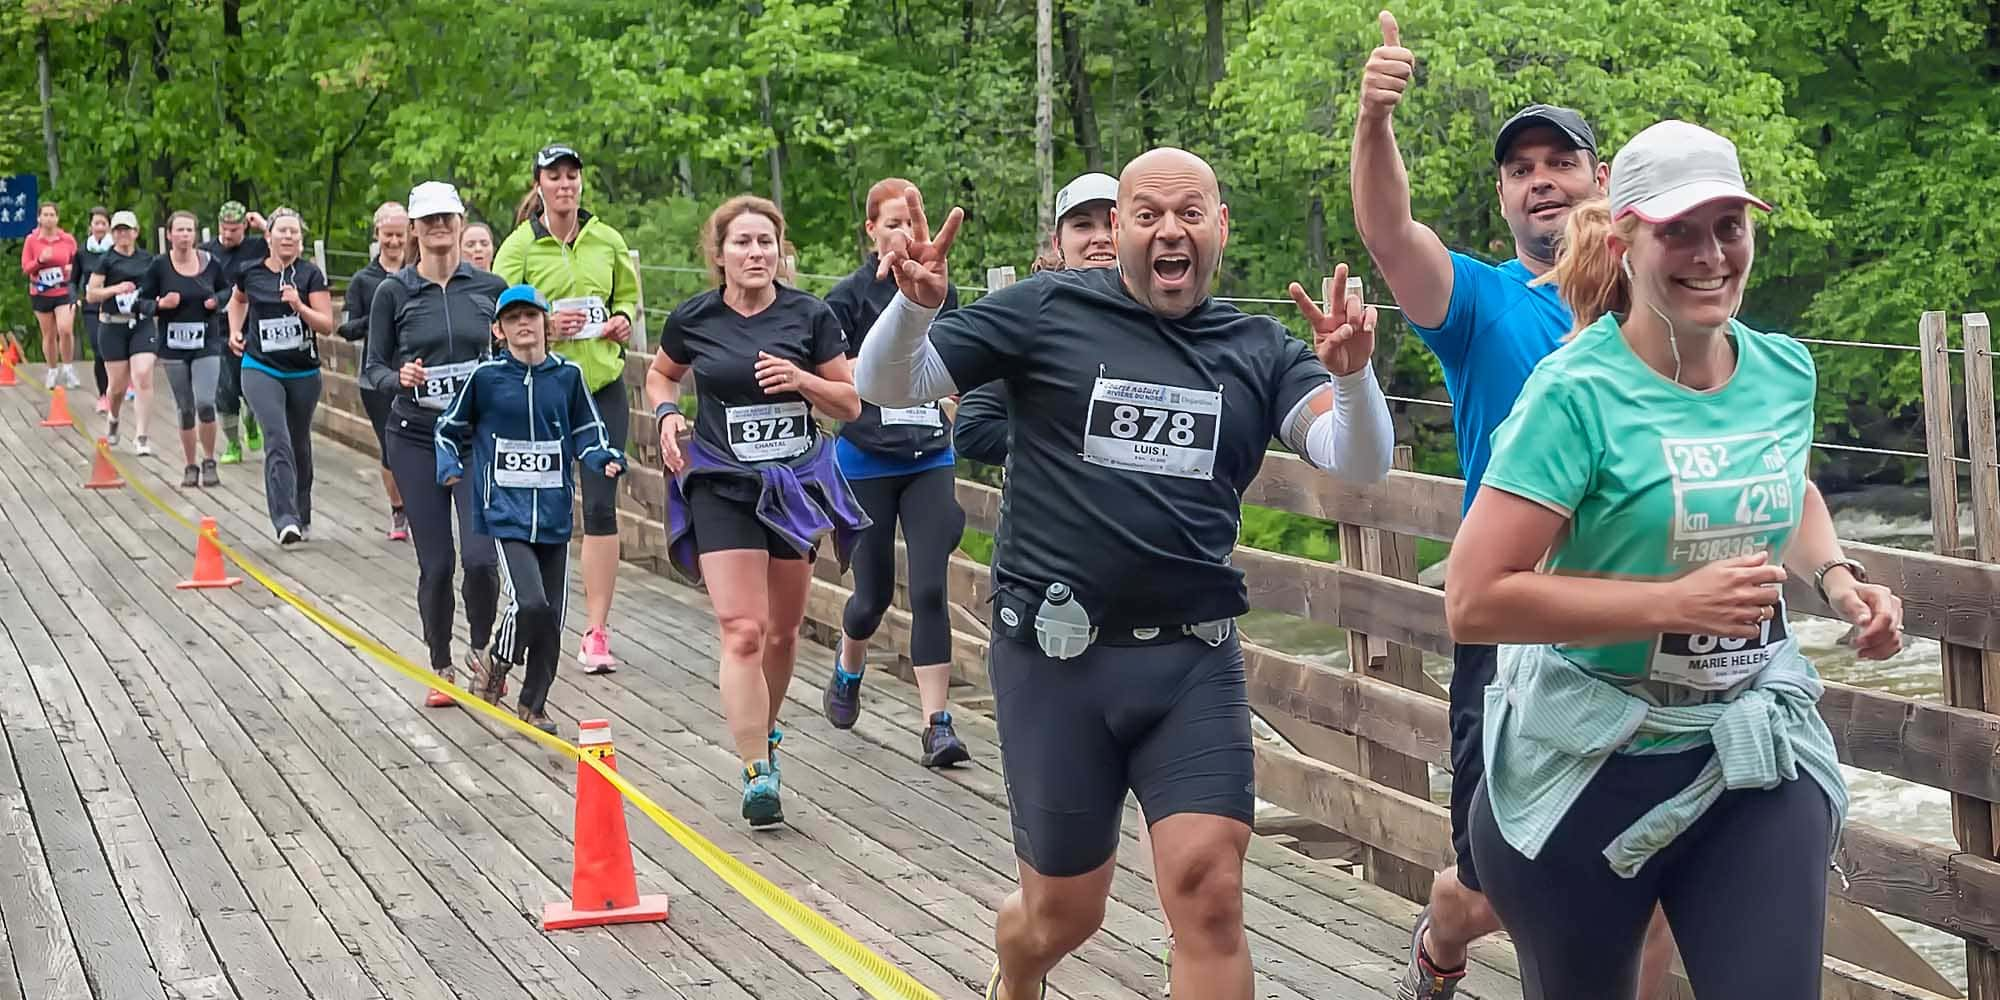 Il y avait des coureurs de tous les horizons à la Course nature de la Rivière-du-Nord, le 5 juin 2015.